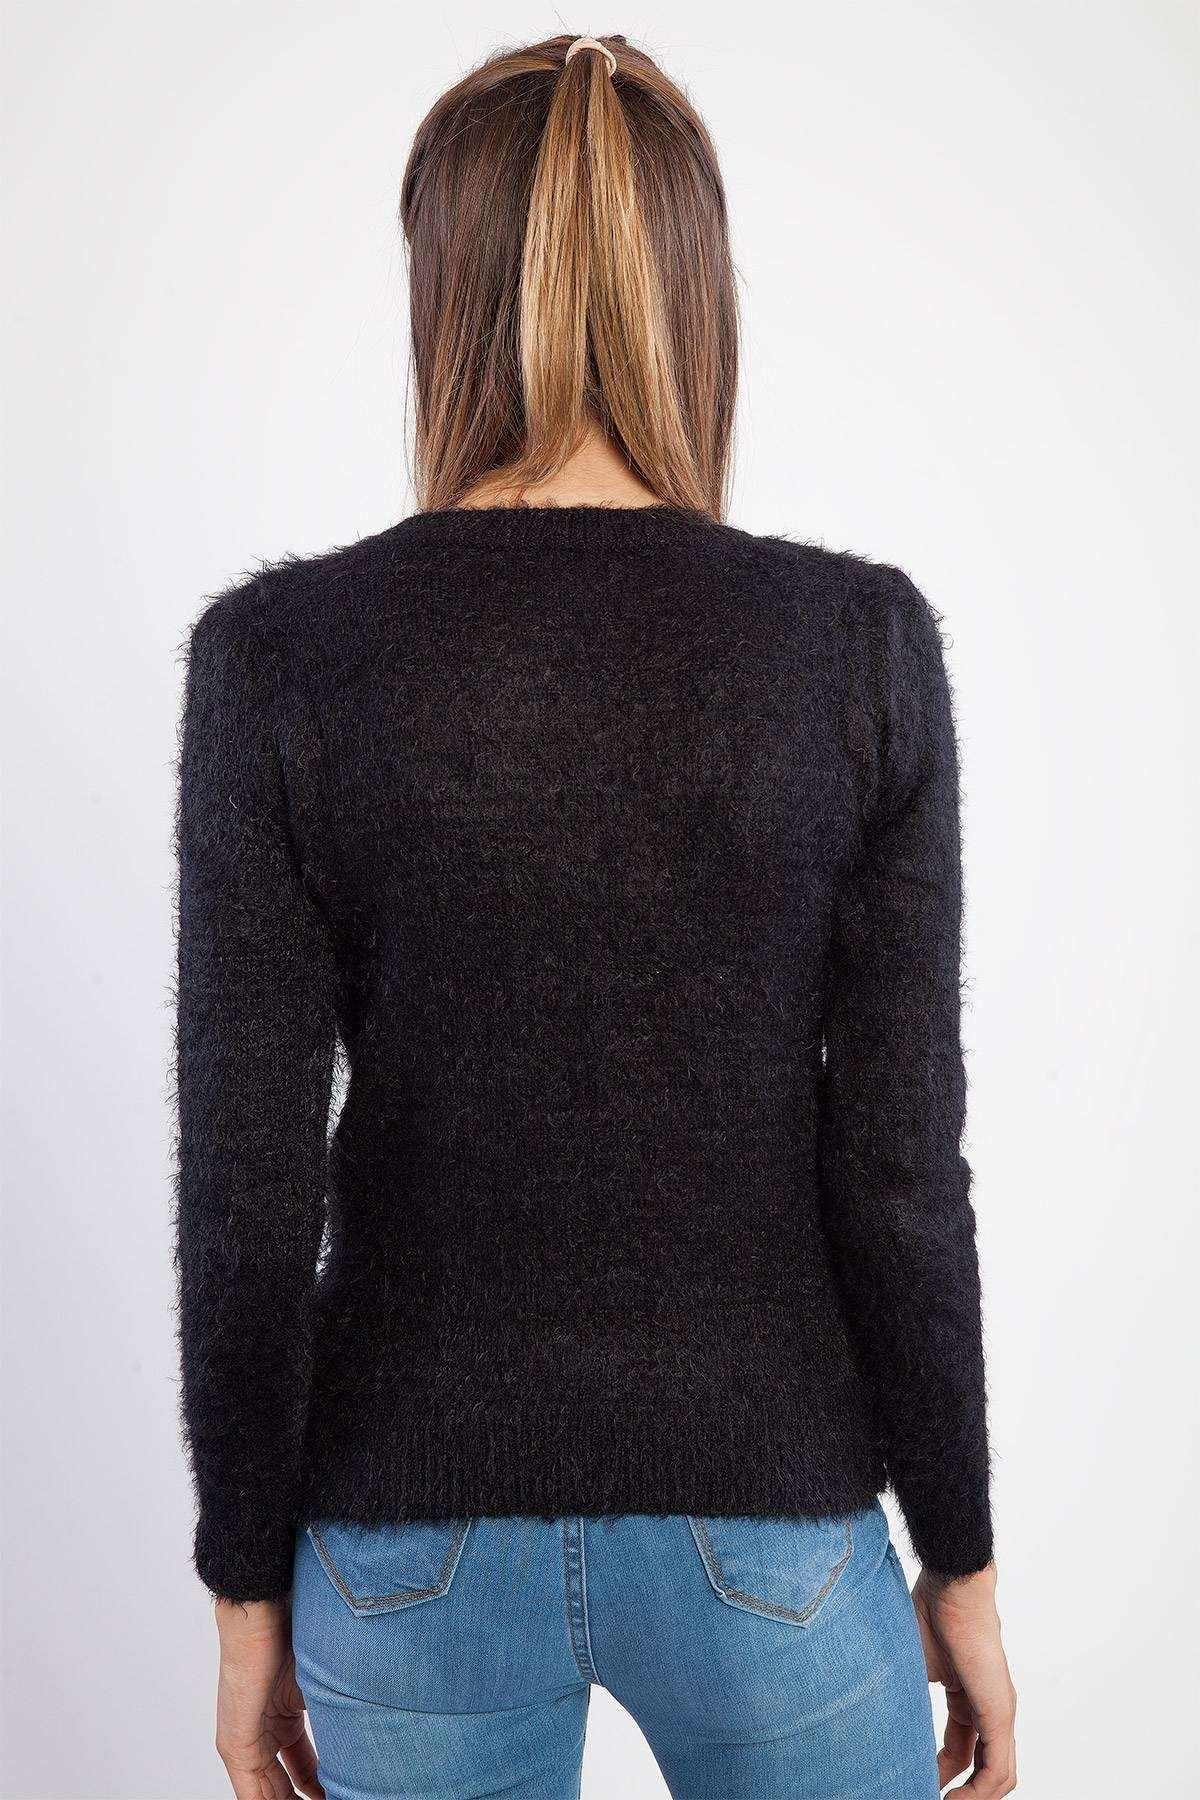 Sakallı Yakası Gül Detaylı Triko Siyah